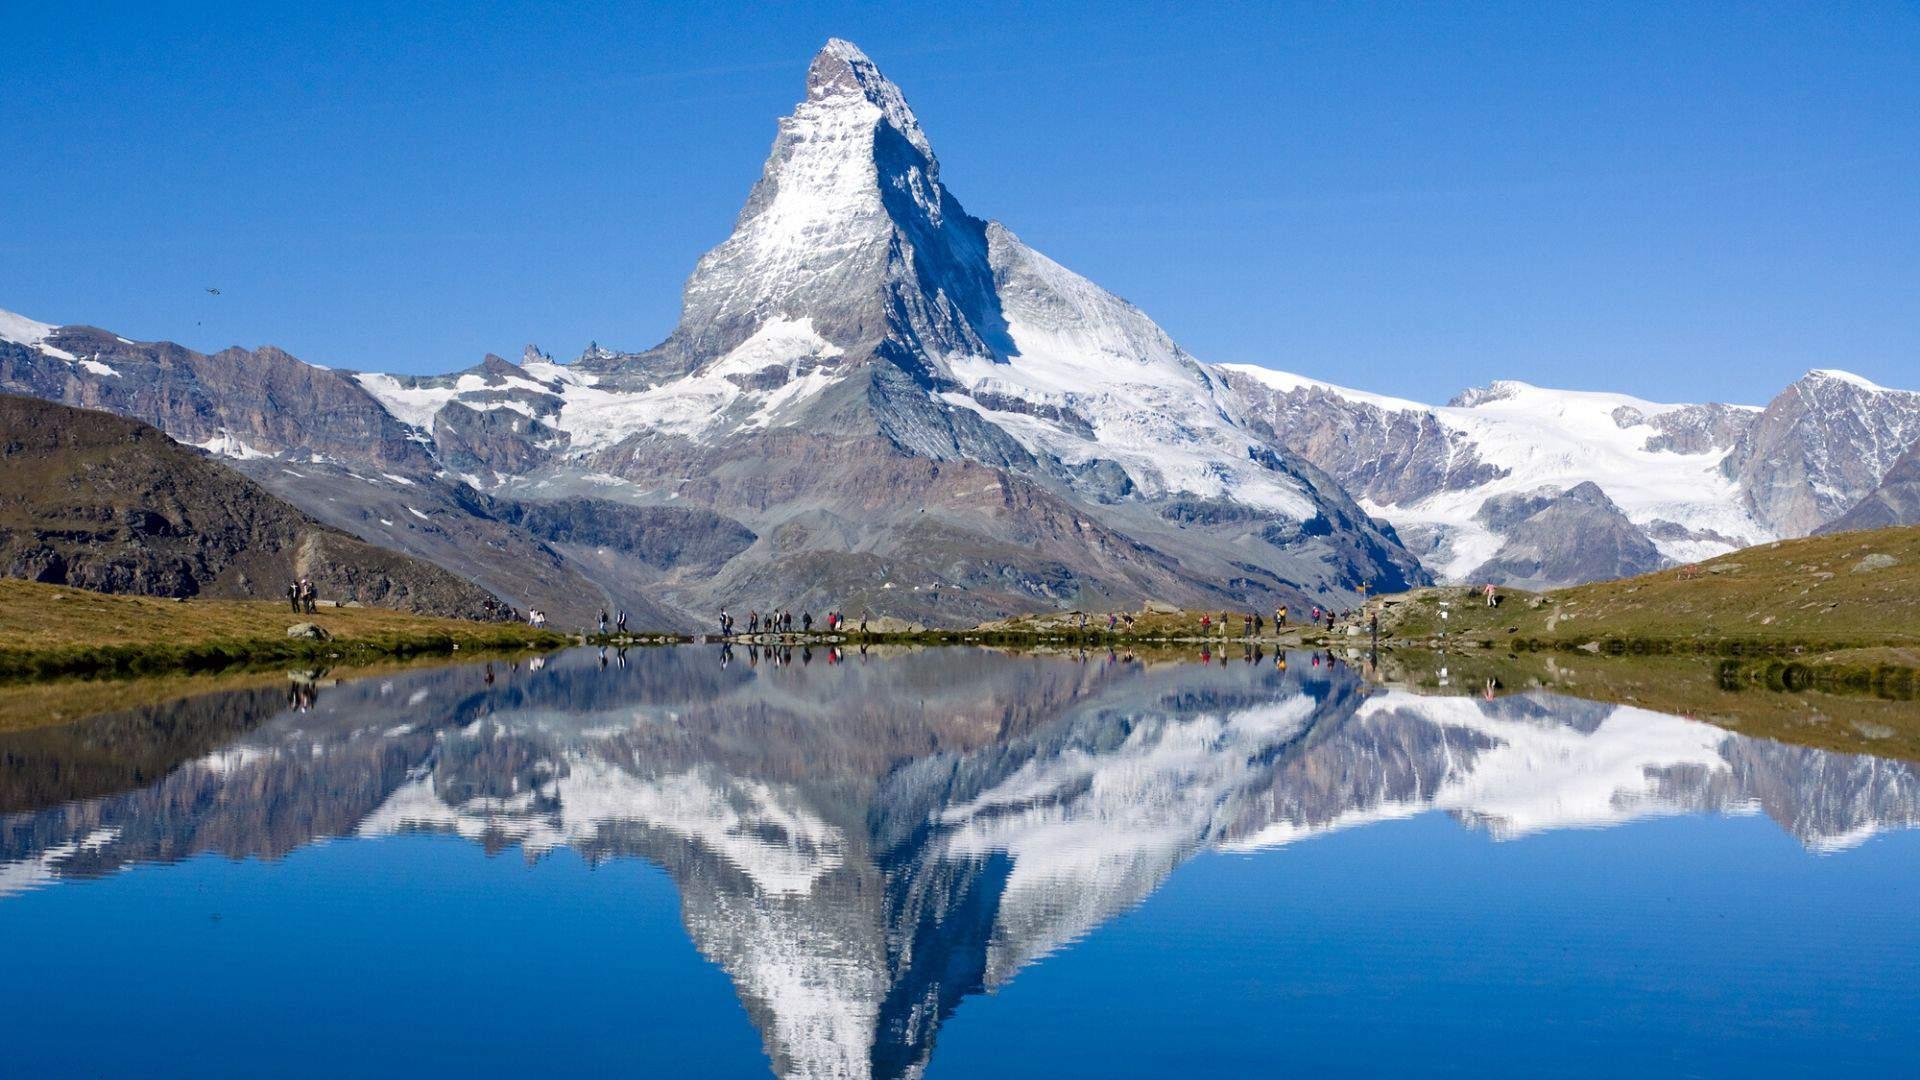 Netoliesi stūkso legendinis piramidės formos Materhorno kalnas - Alpių kalnų pažiba